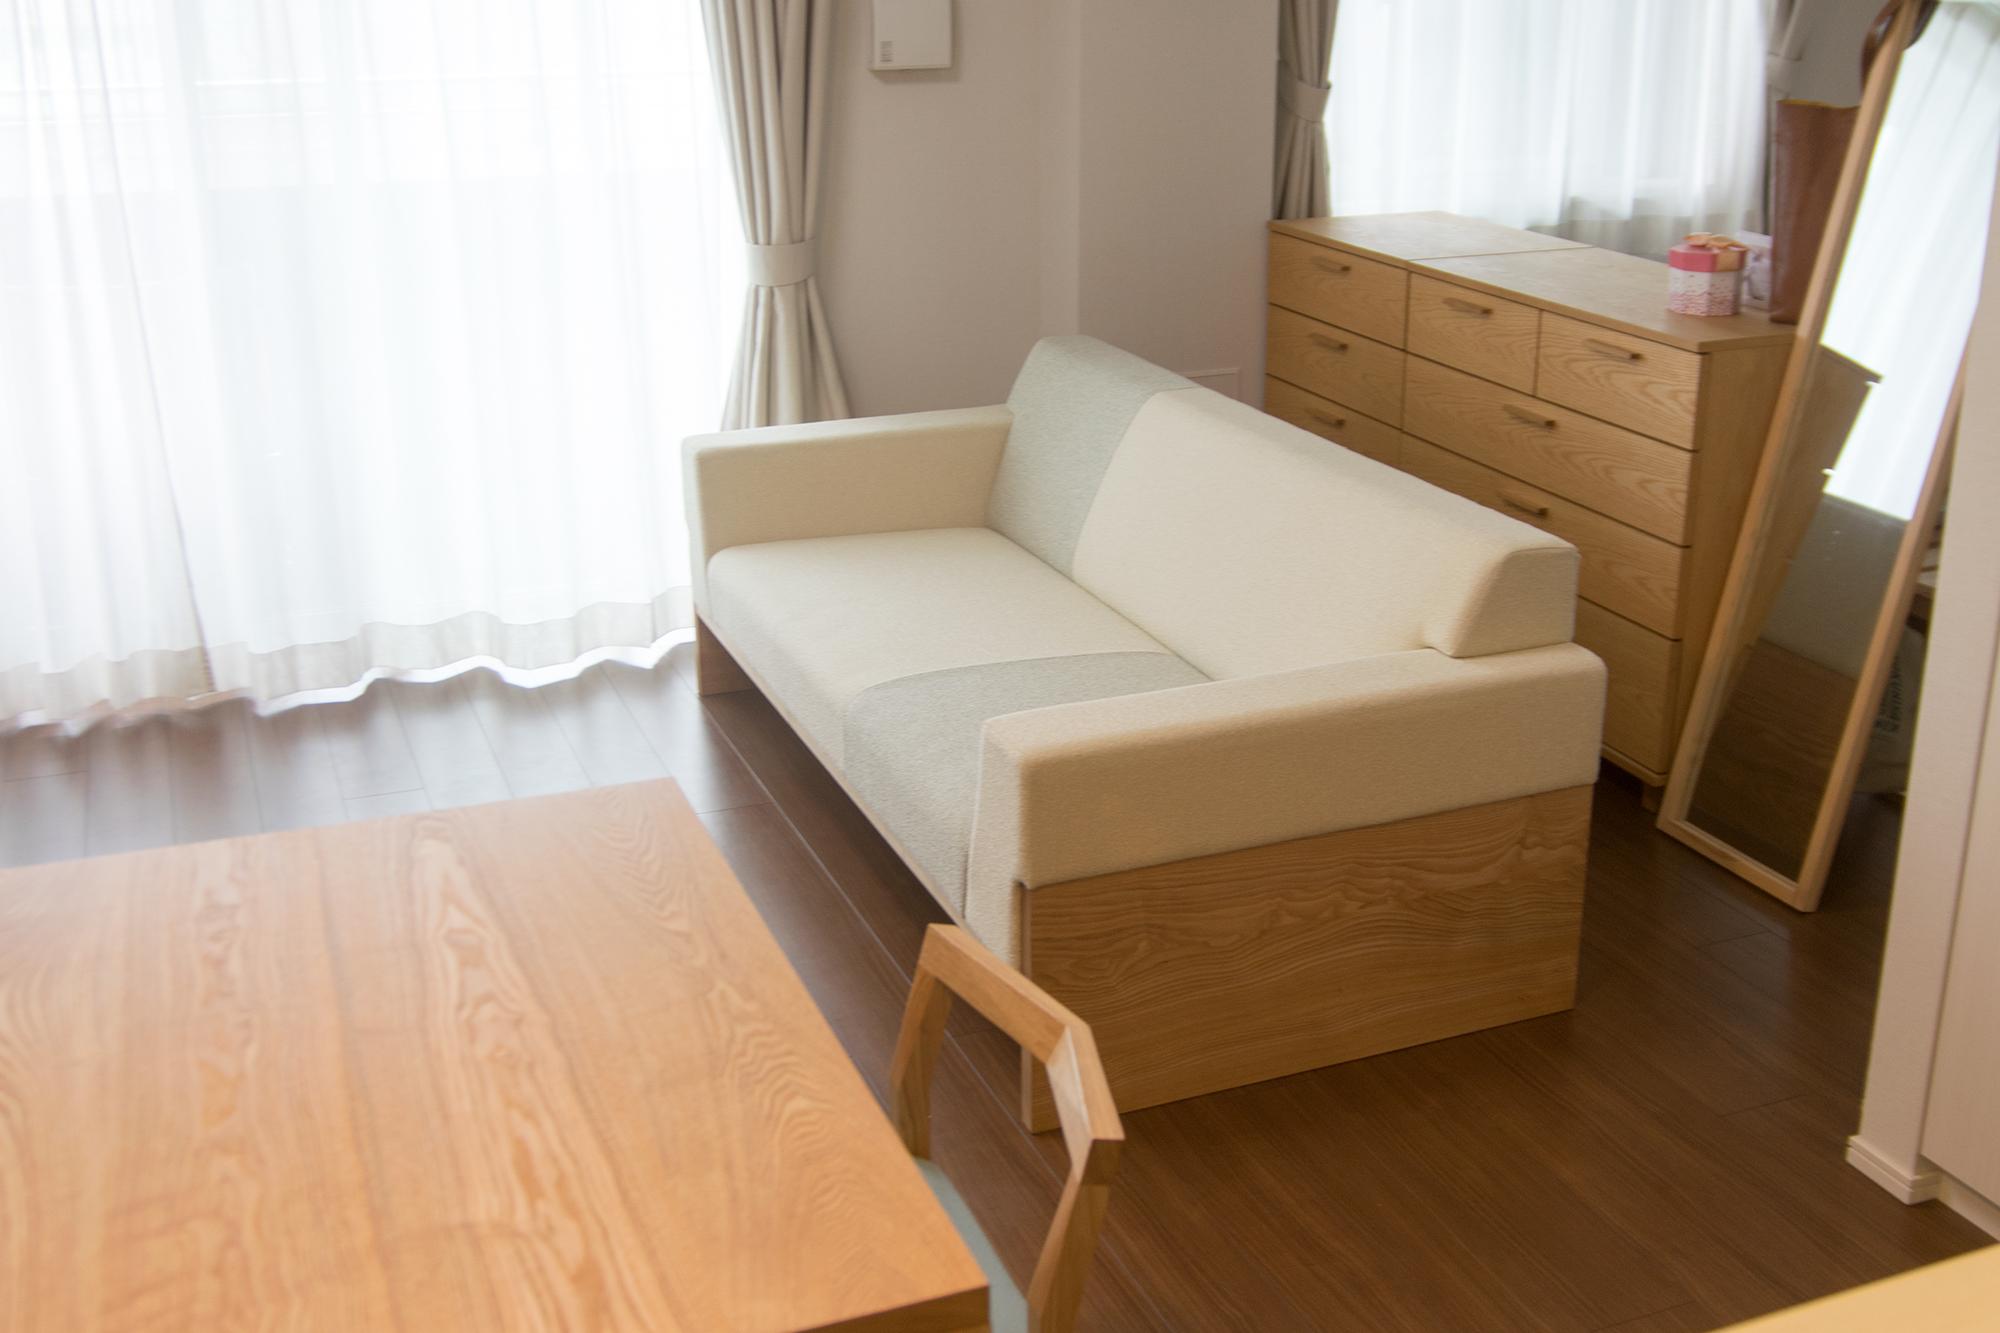 タモ無垢材のベースにクッションを組み合わせた2人がけサイズのソファ